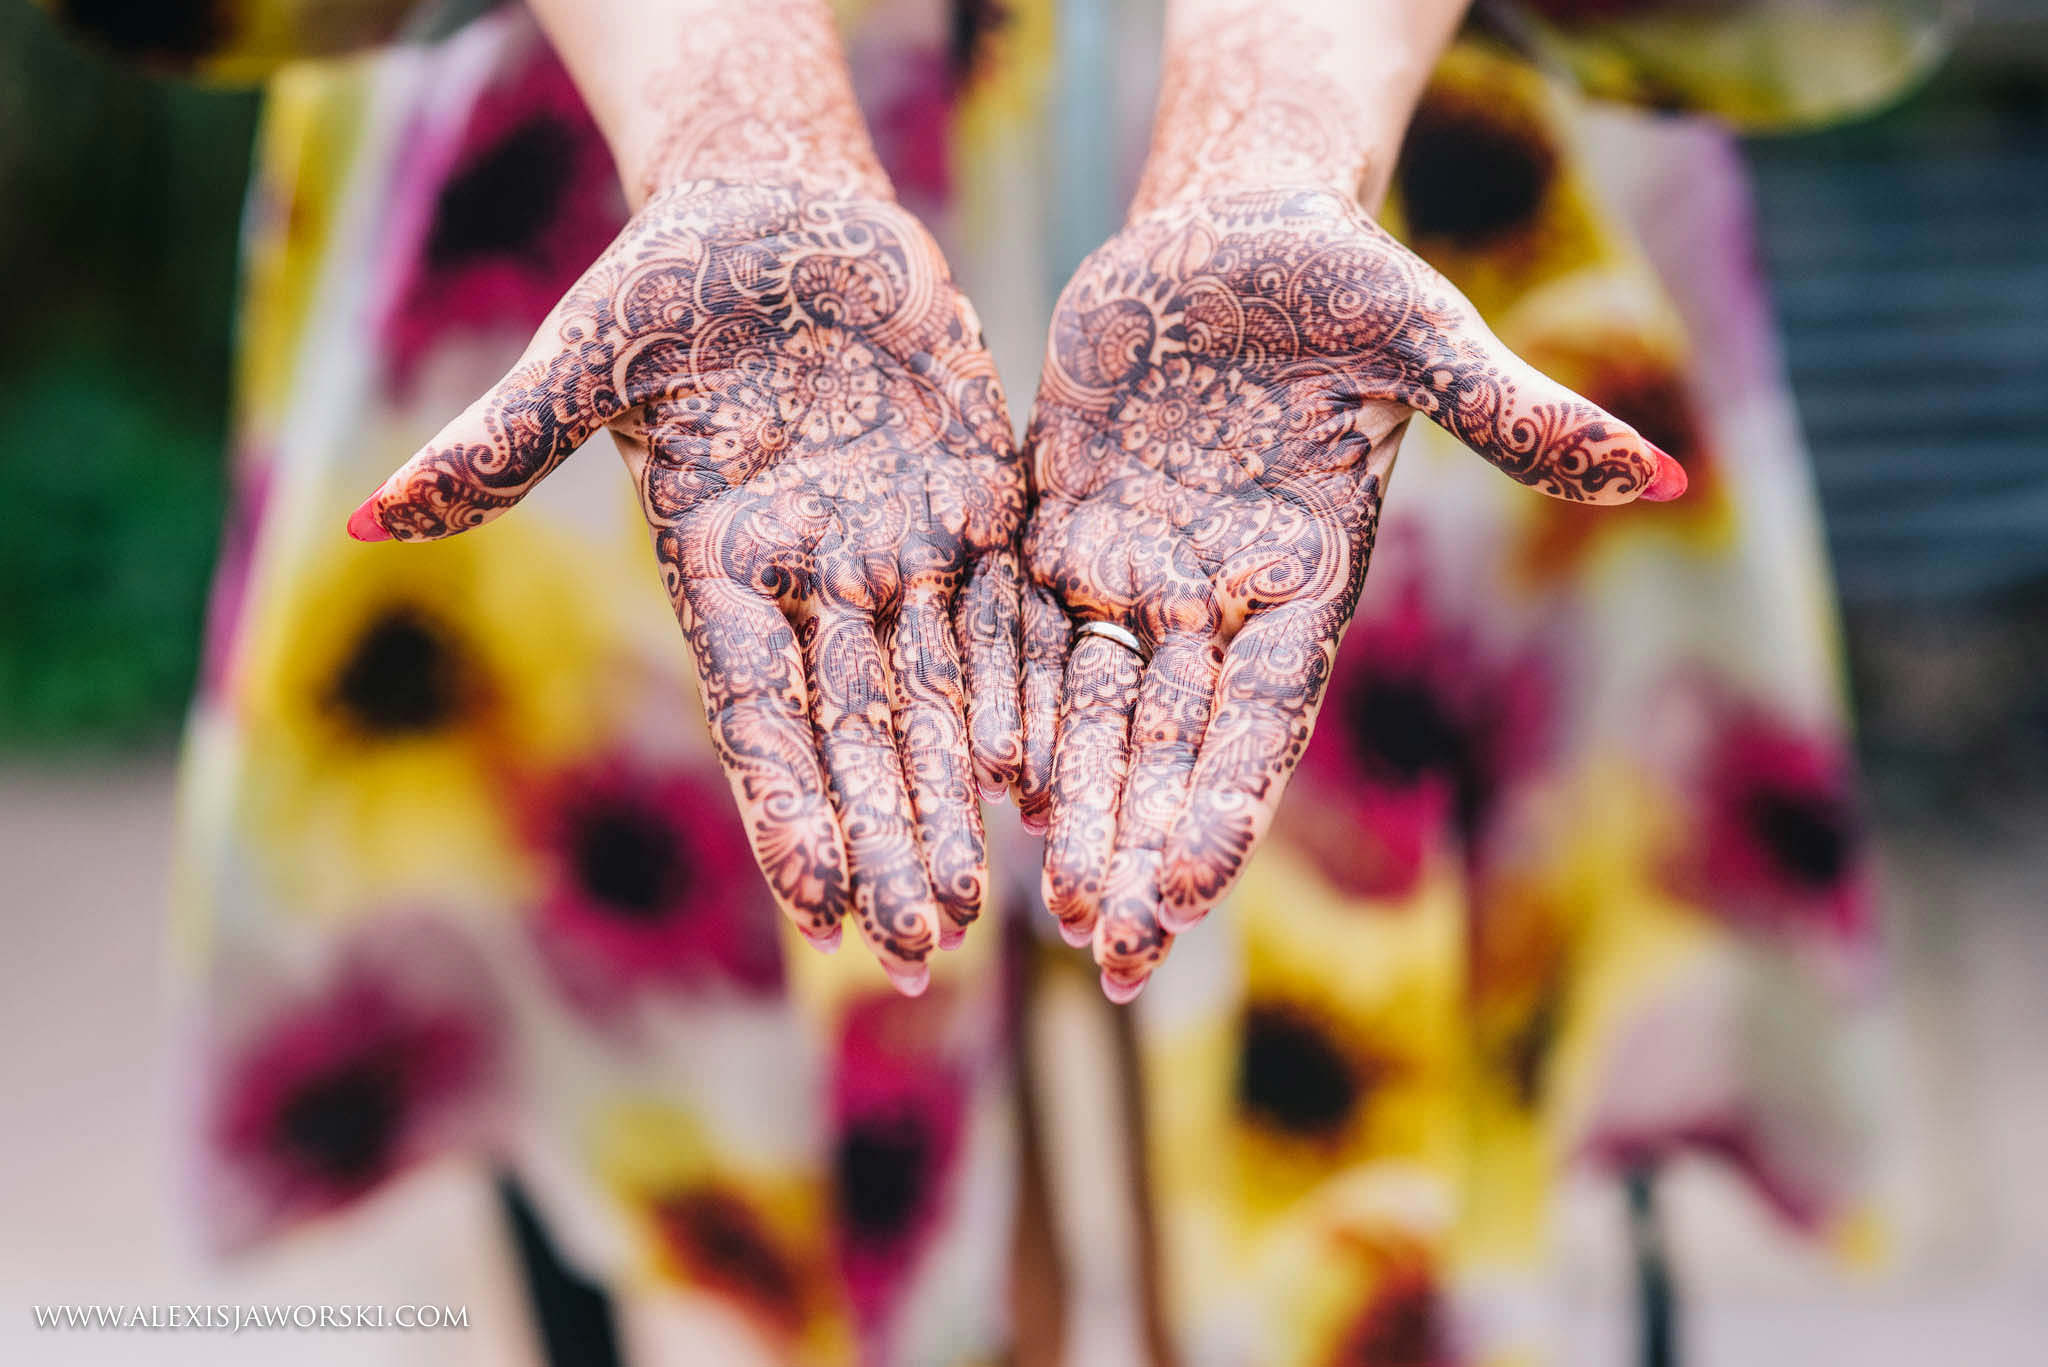 Henna on bride's hand